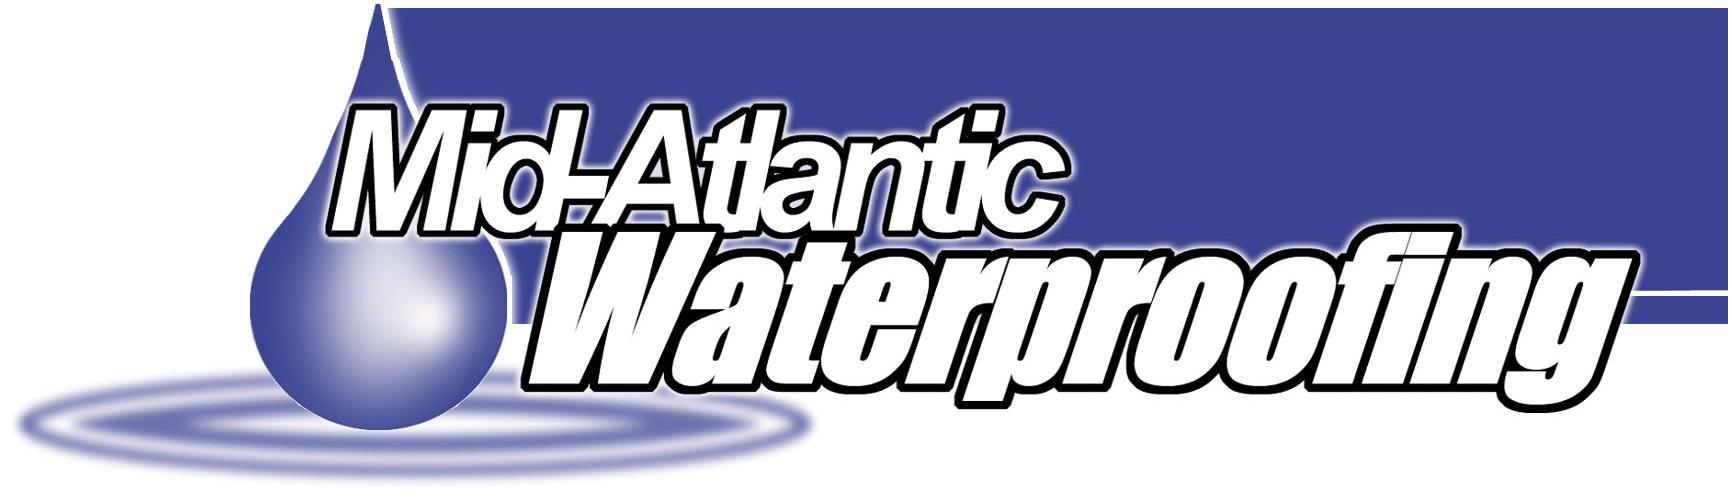 Mid-Atlantic Waterproofing